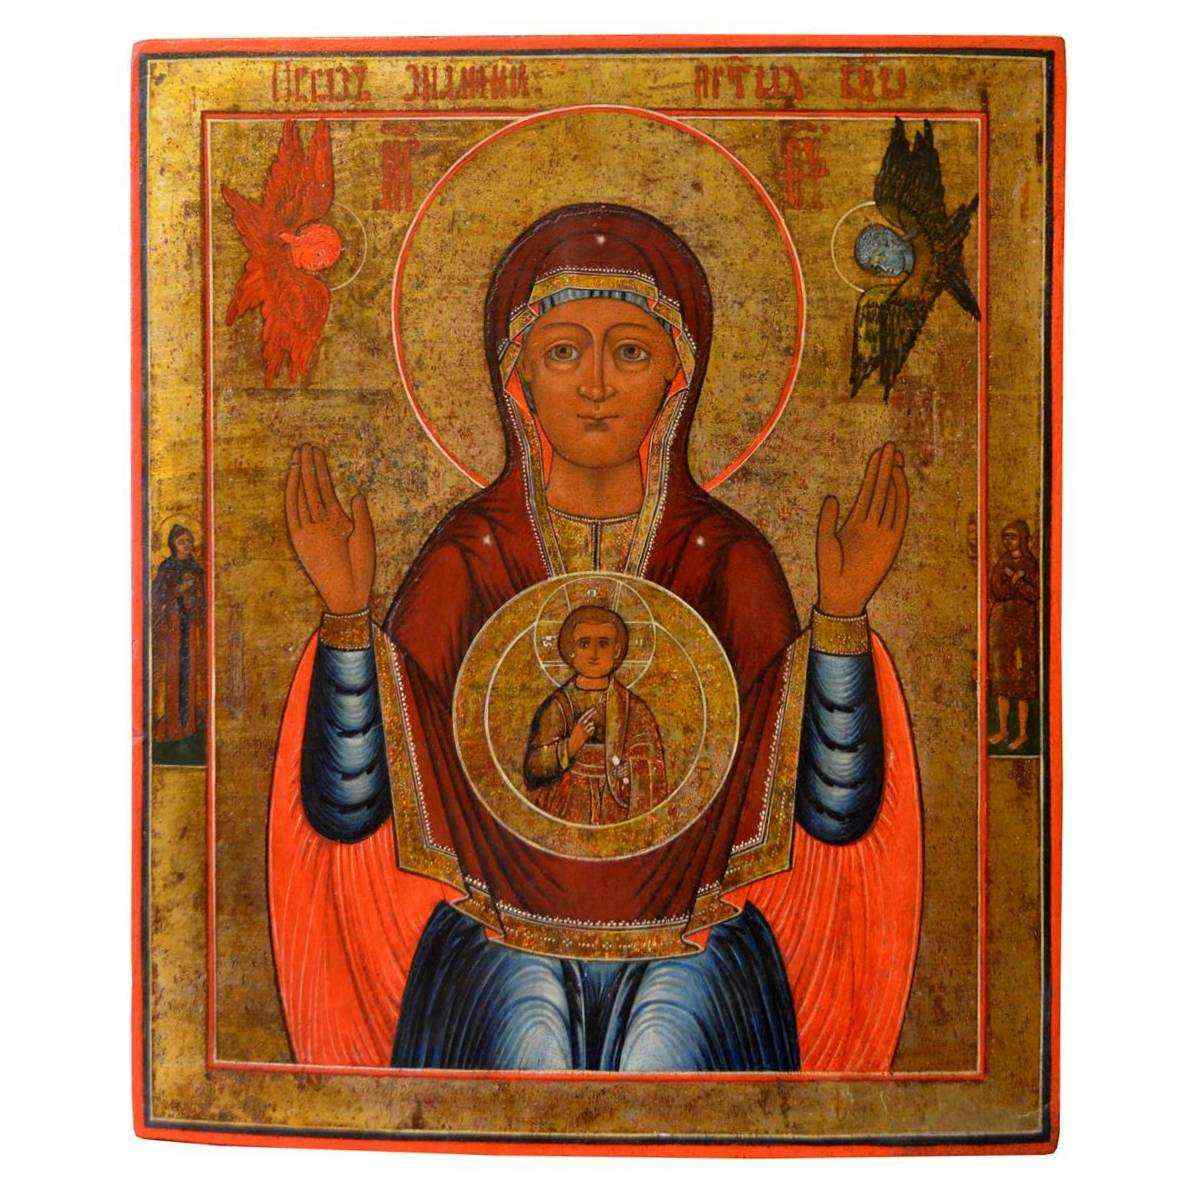 Antica icona russa la